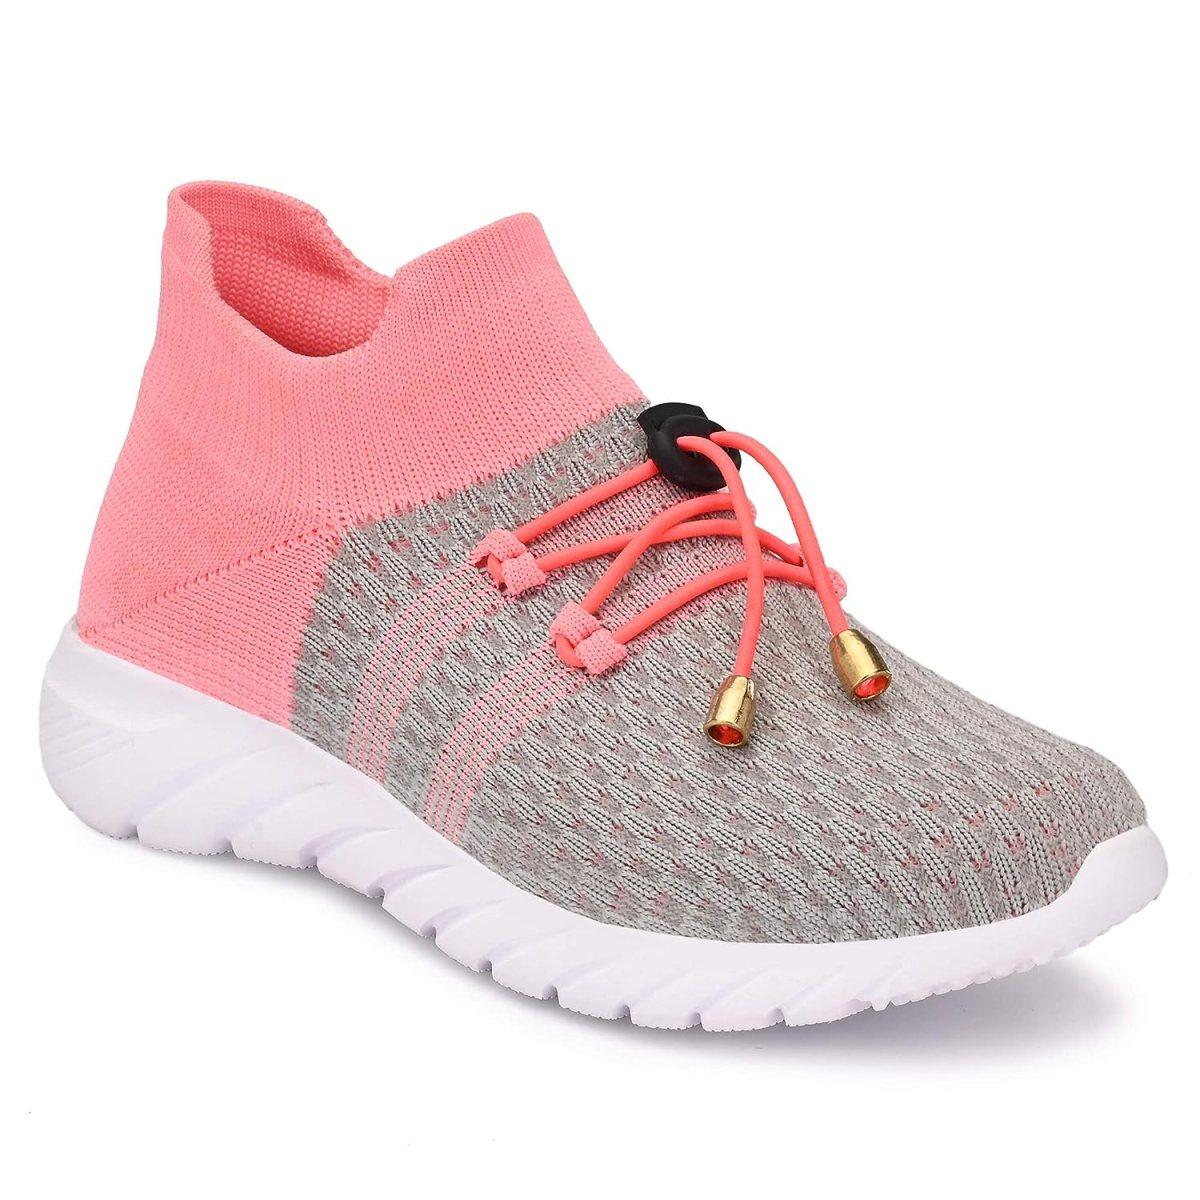 TECHNOFIT Women's Mesh Perfect Girls Dancing/Sports/Sneakers for Women